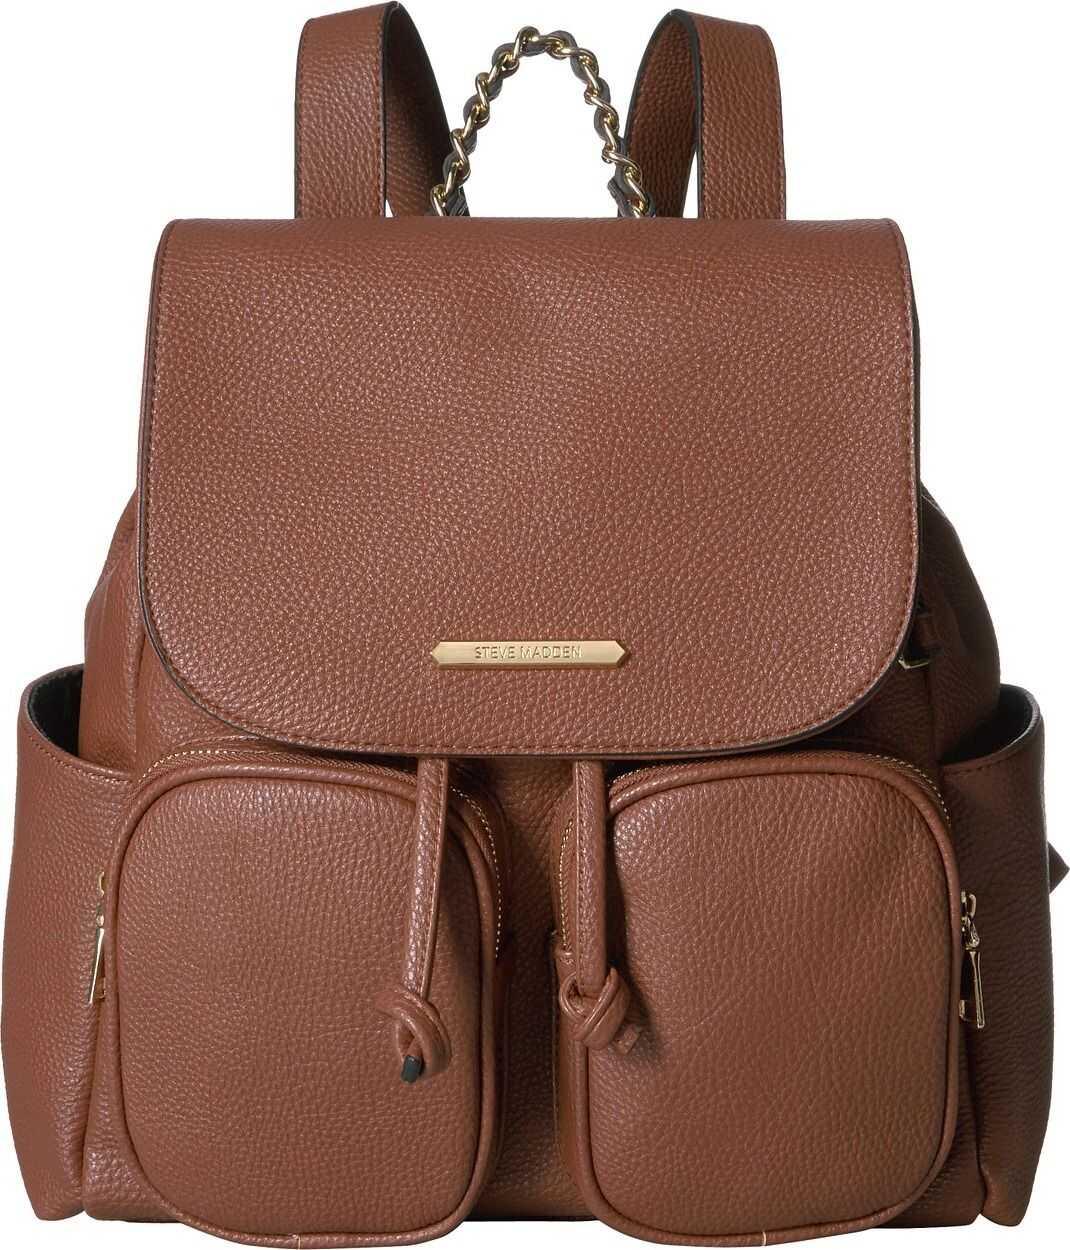 Steve Madden Bmave Backpack Cognac